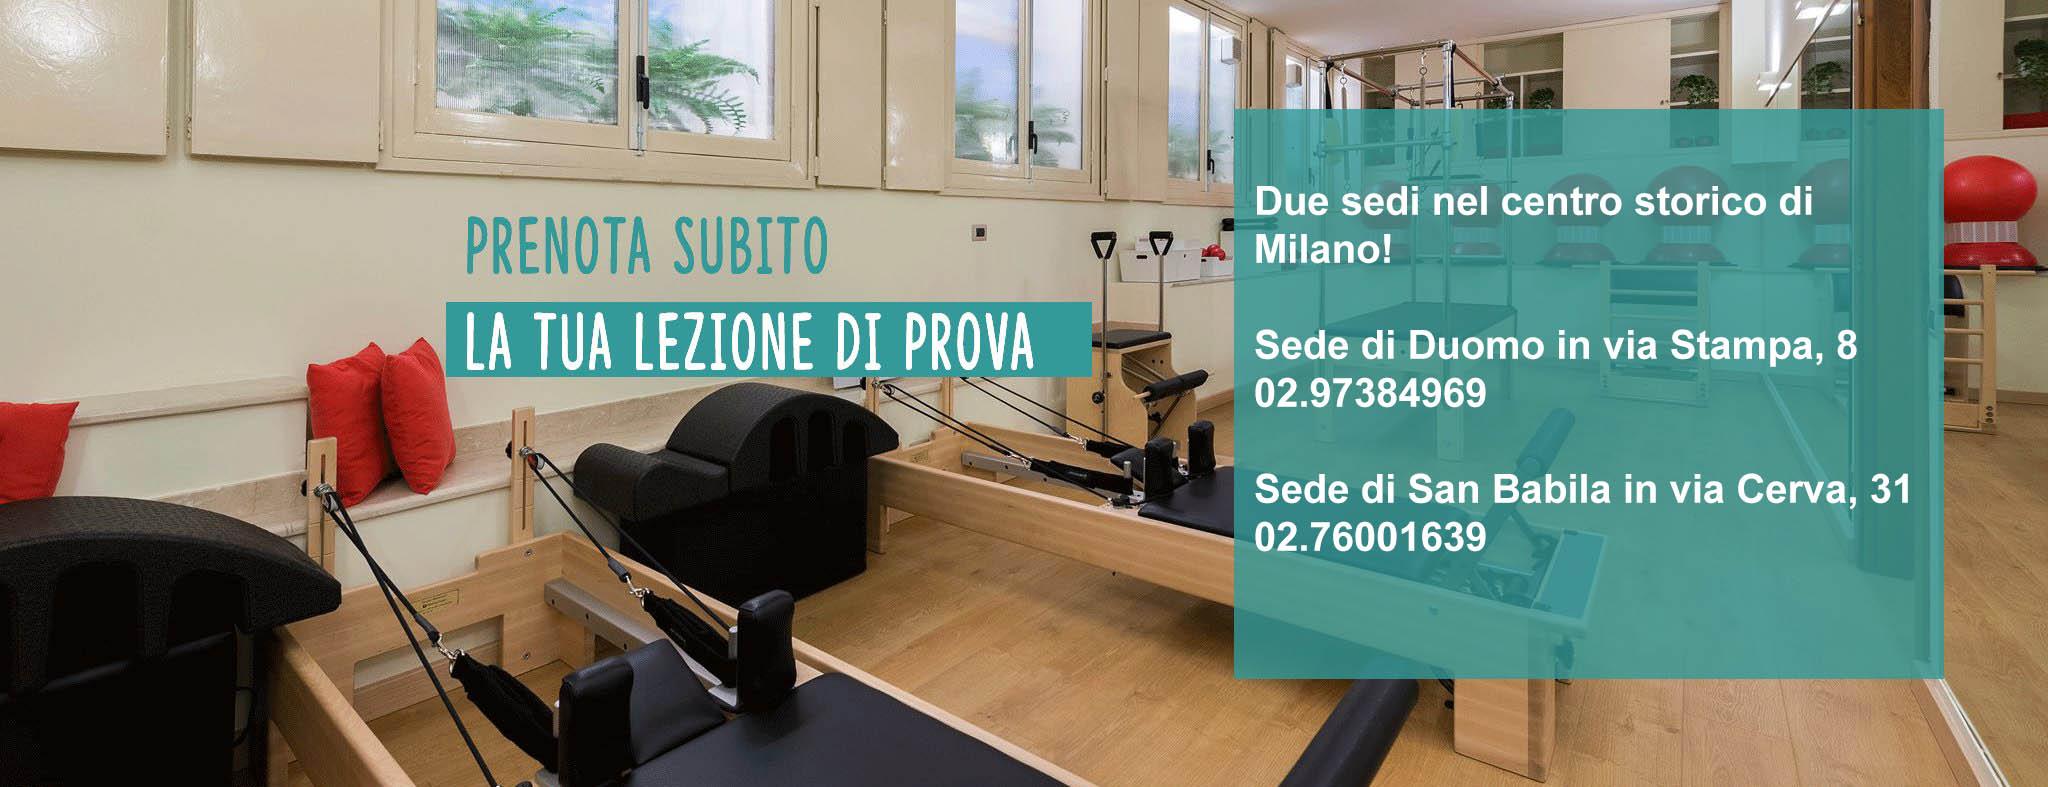 Pilates Post Parto Rogoredo Milano - Prenota subito la tua lezione di prova